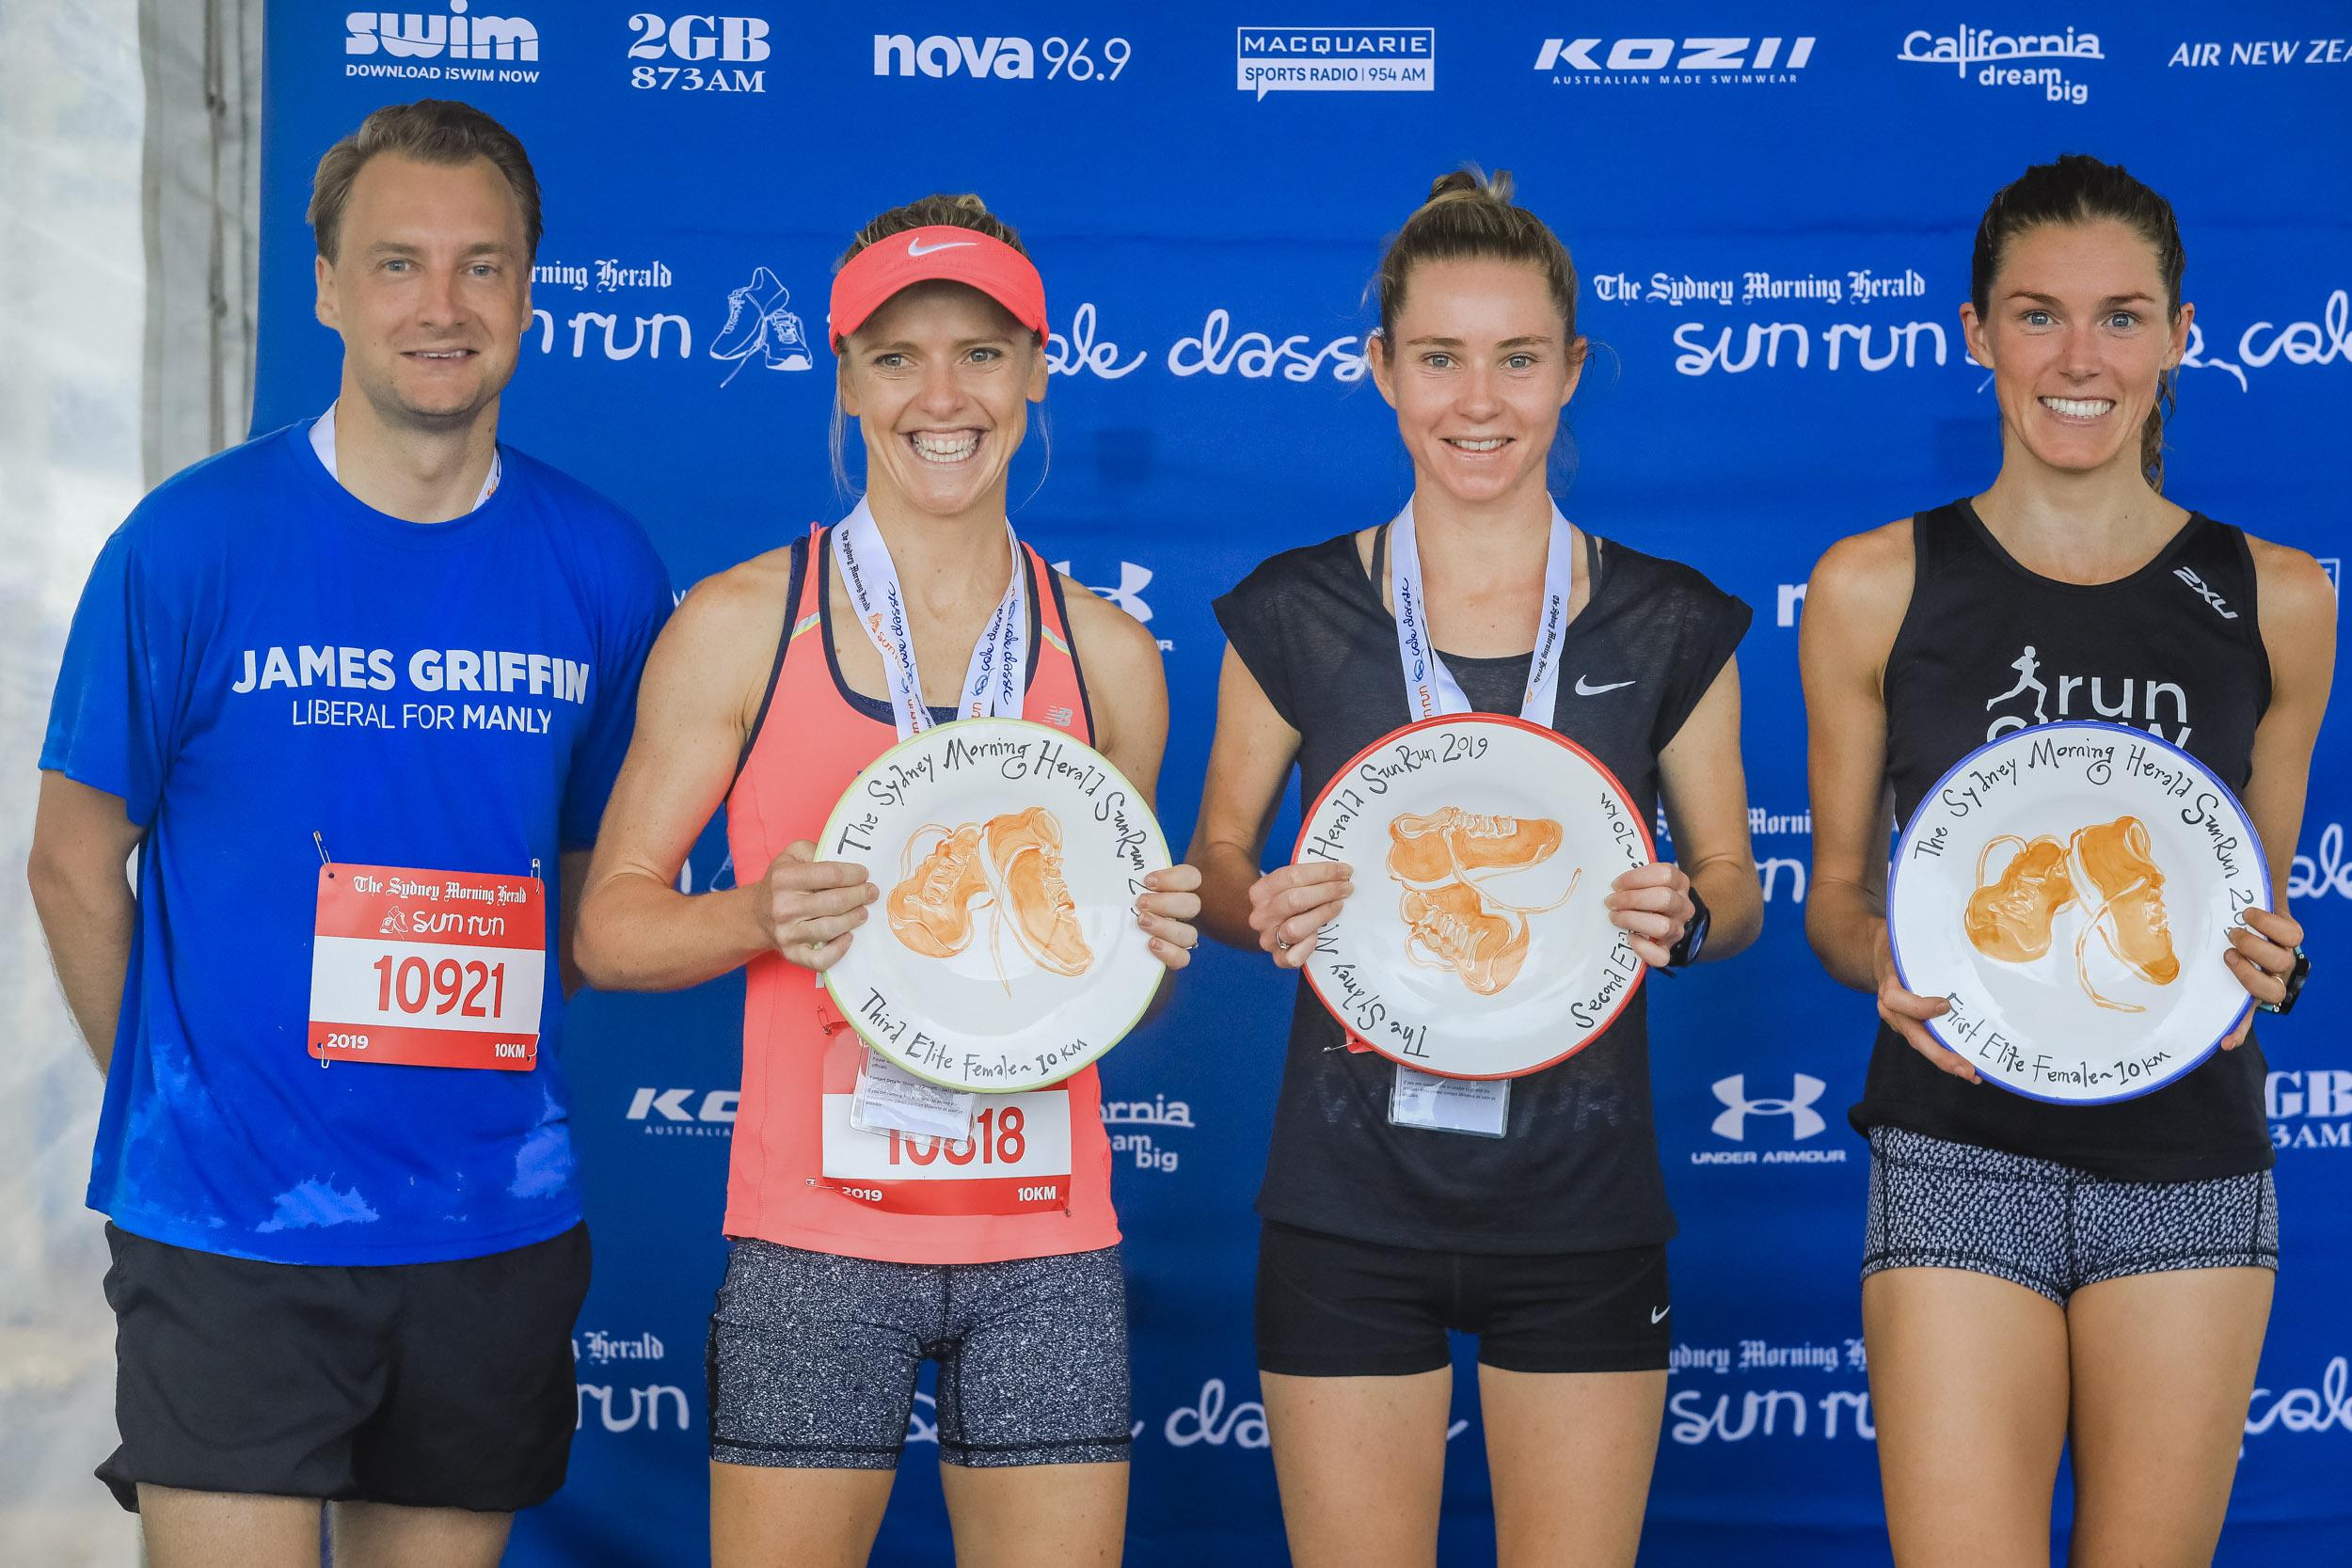 Sydney Morning Herald Sun Run © Salty Dingo 2019 CG-026543.jpg